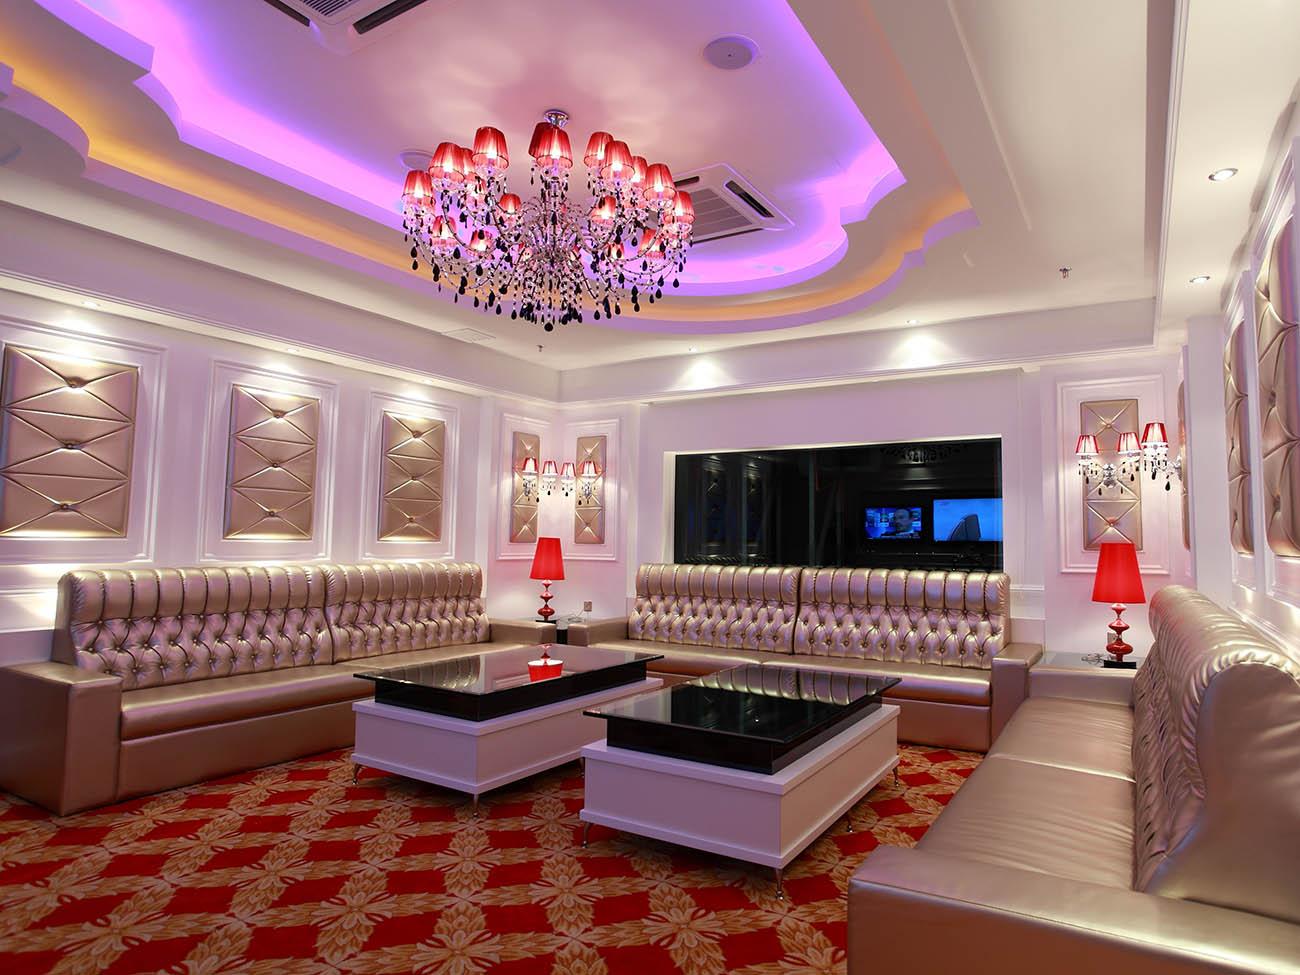 Phòng karaoke biệt thự phối màu tông đỏ, trắng